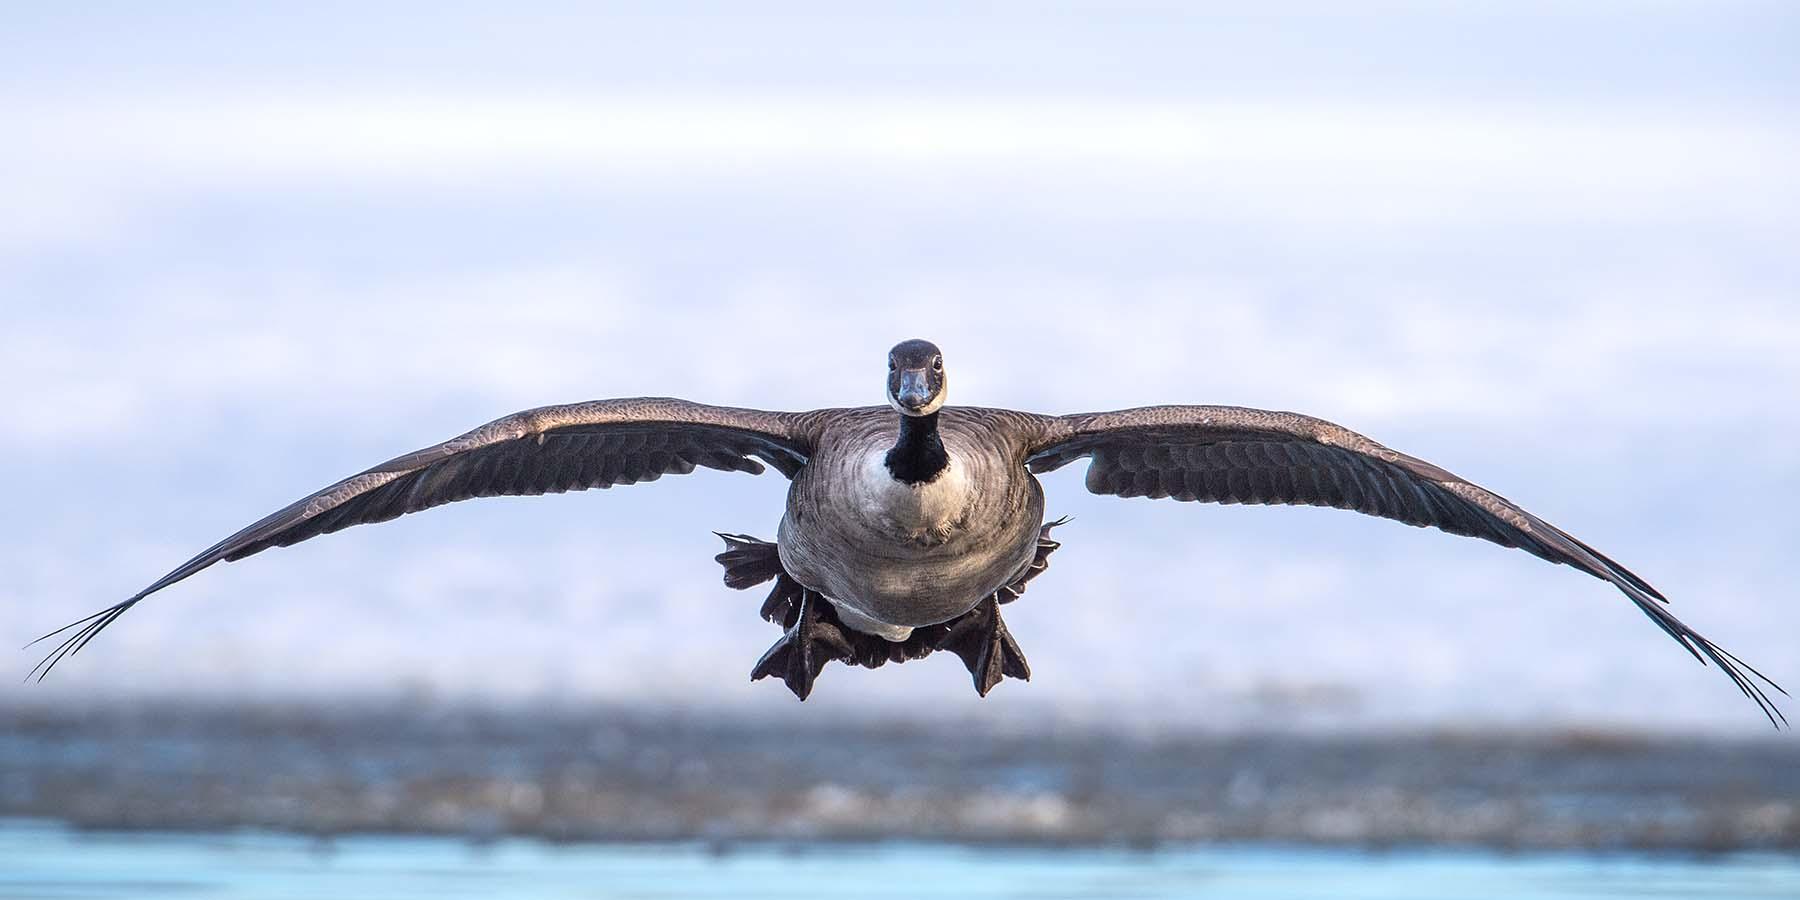 Grågäss och Kanadagås slåss om boplats.Fotografera fåglar